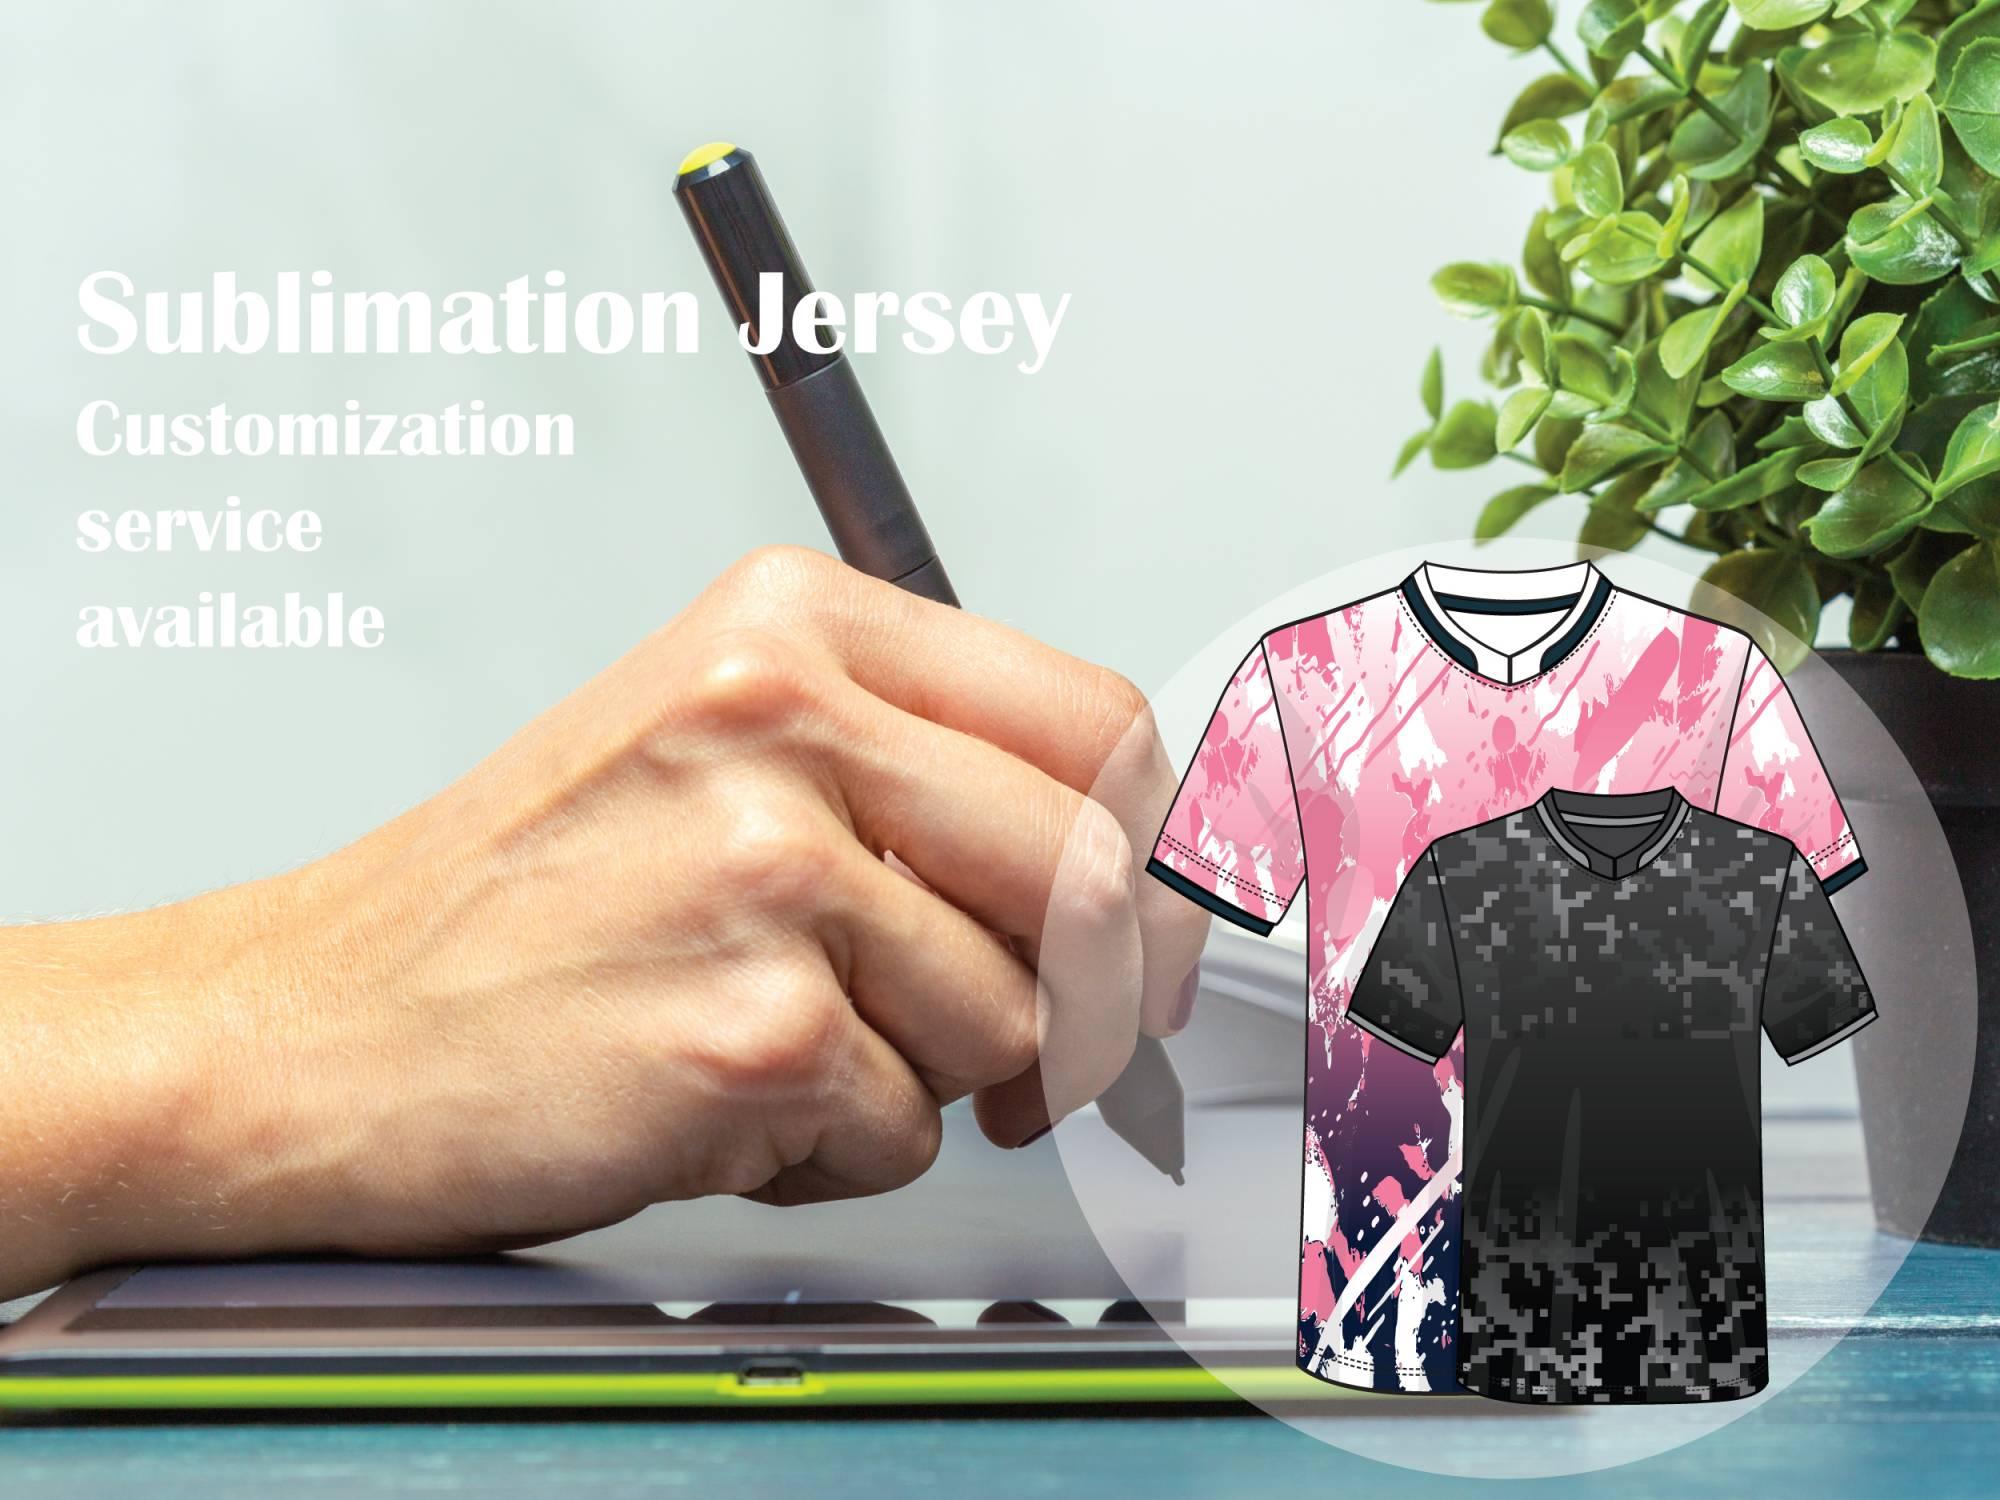 Sublimation Customization